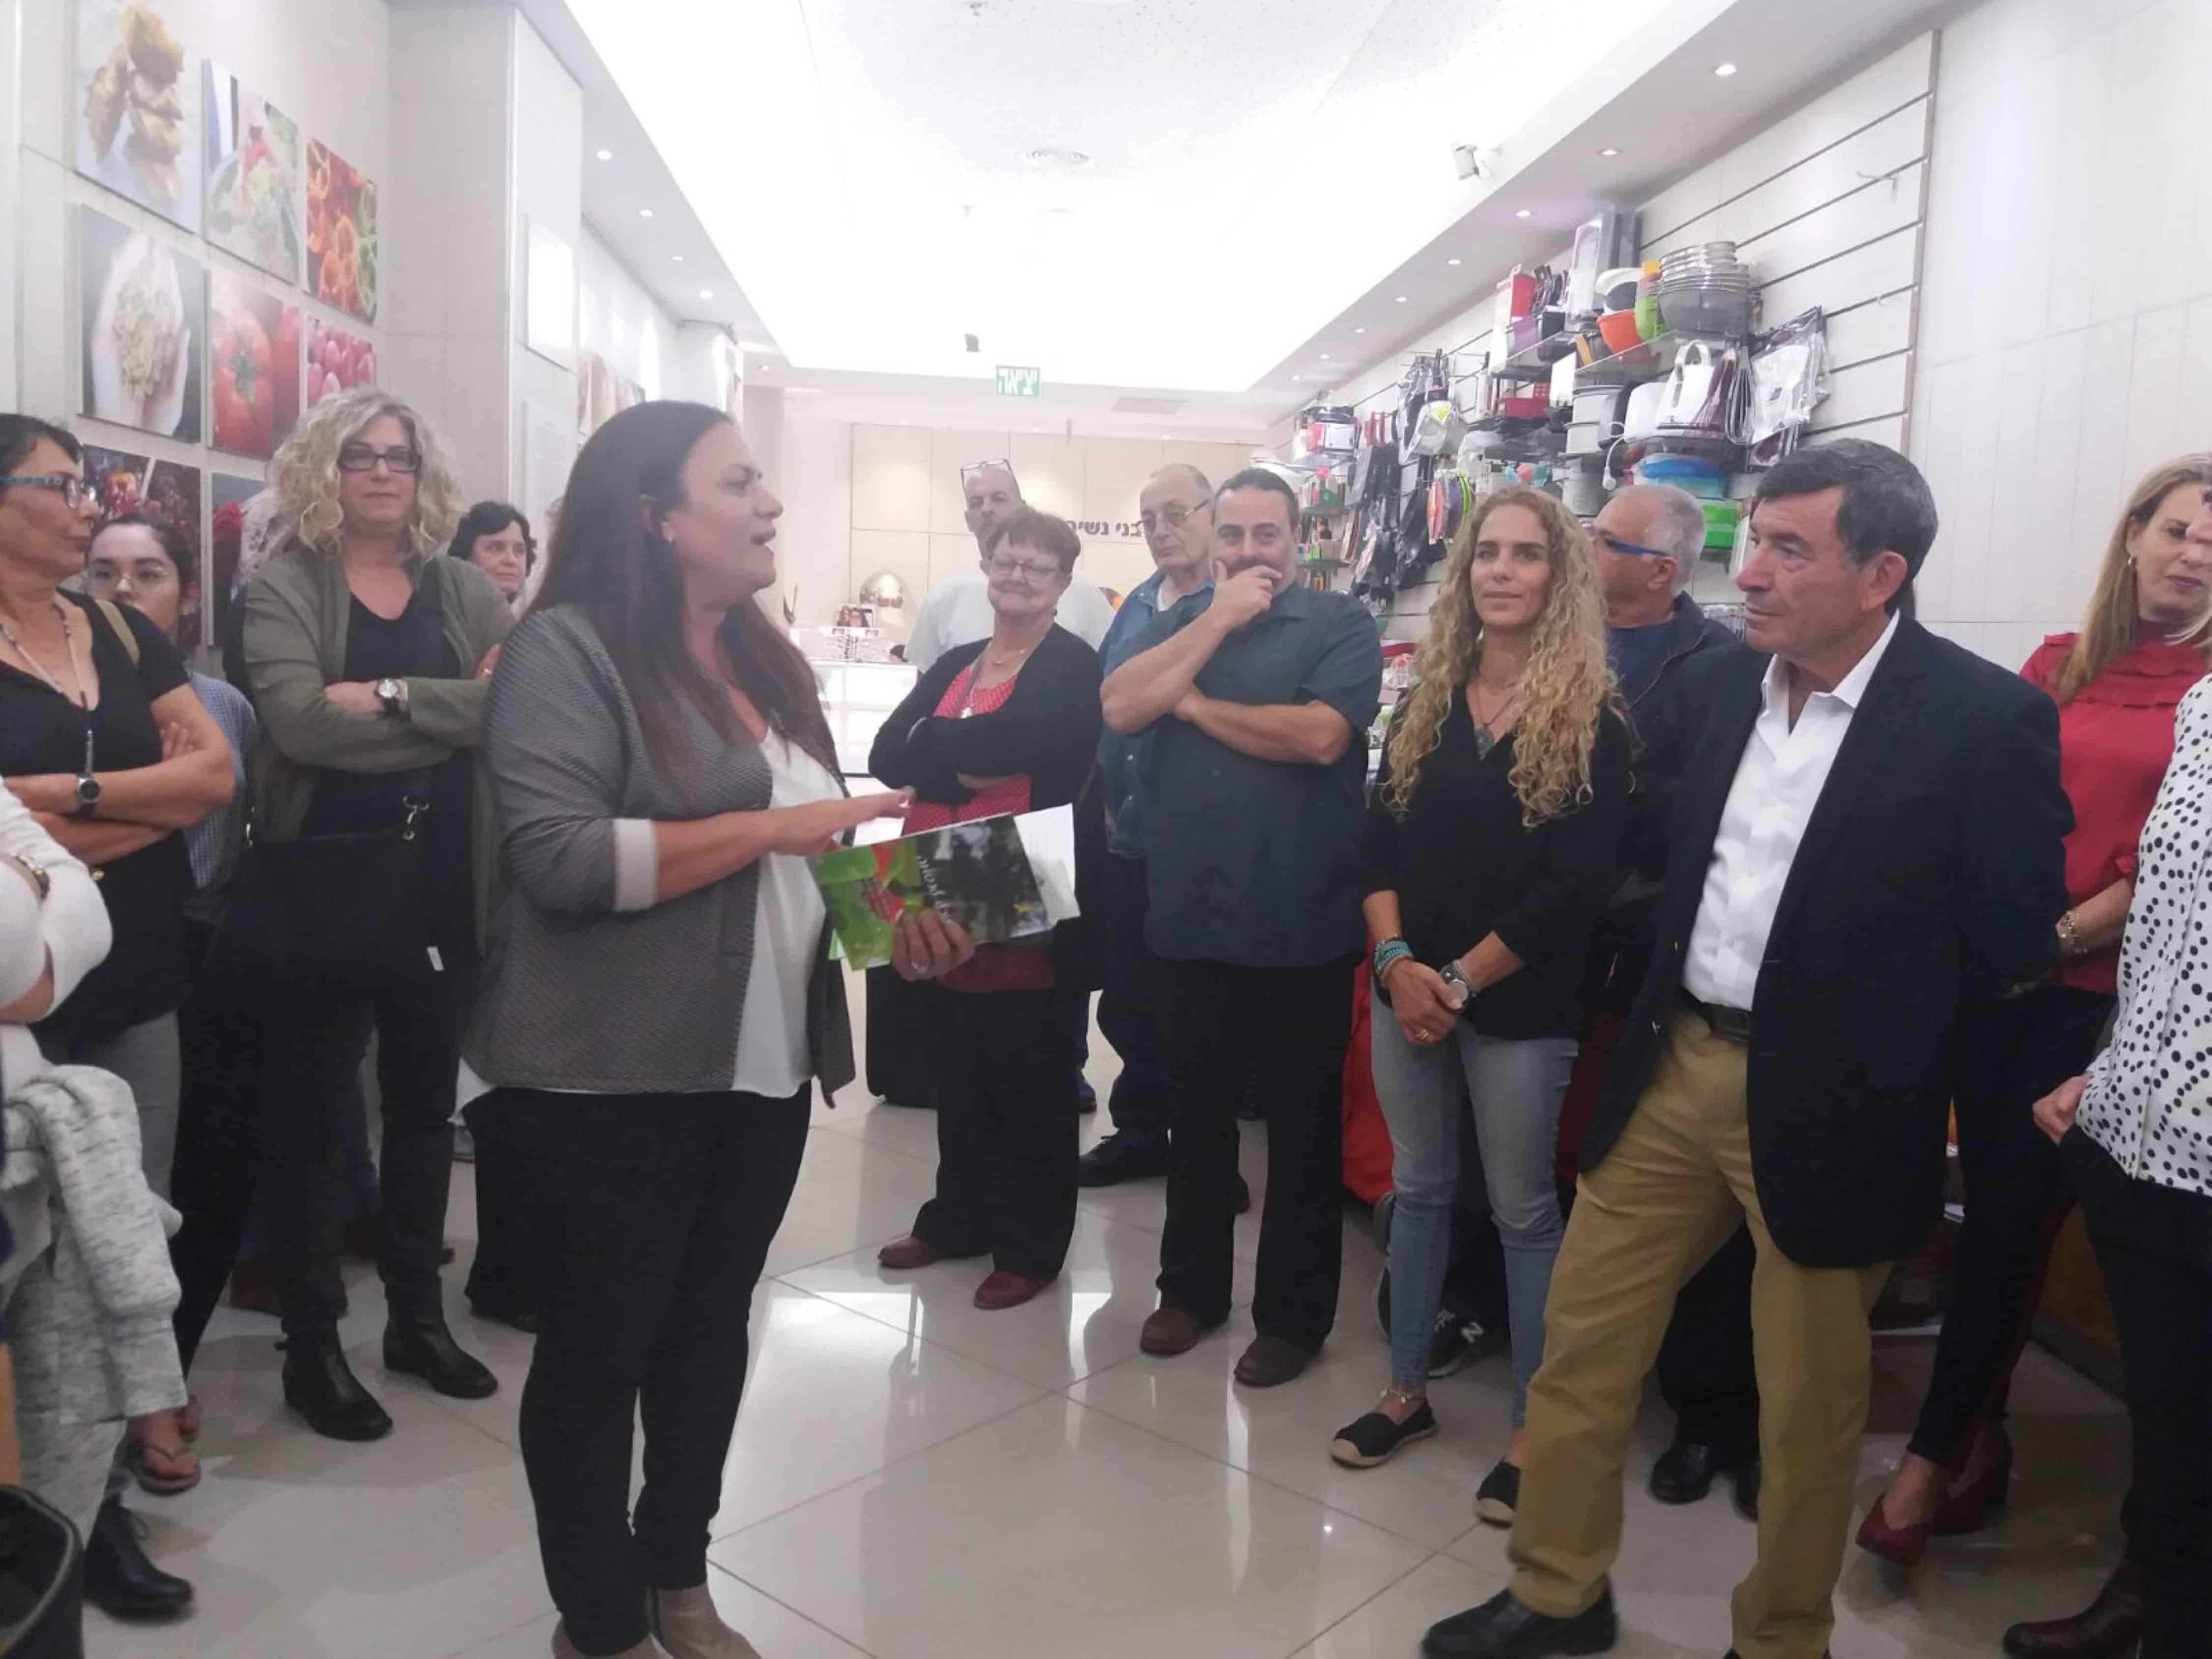 ראש עירייתנס ציונה יוסי שבו בתערוכת אוכל לנשמה קניון עופר קניותר צילום יחצ (8) (Custom)